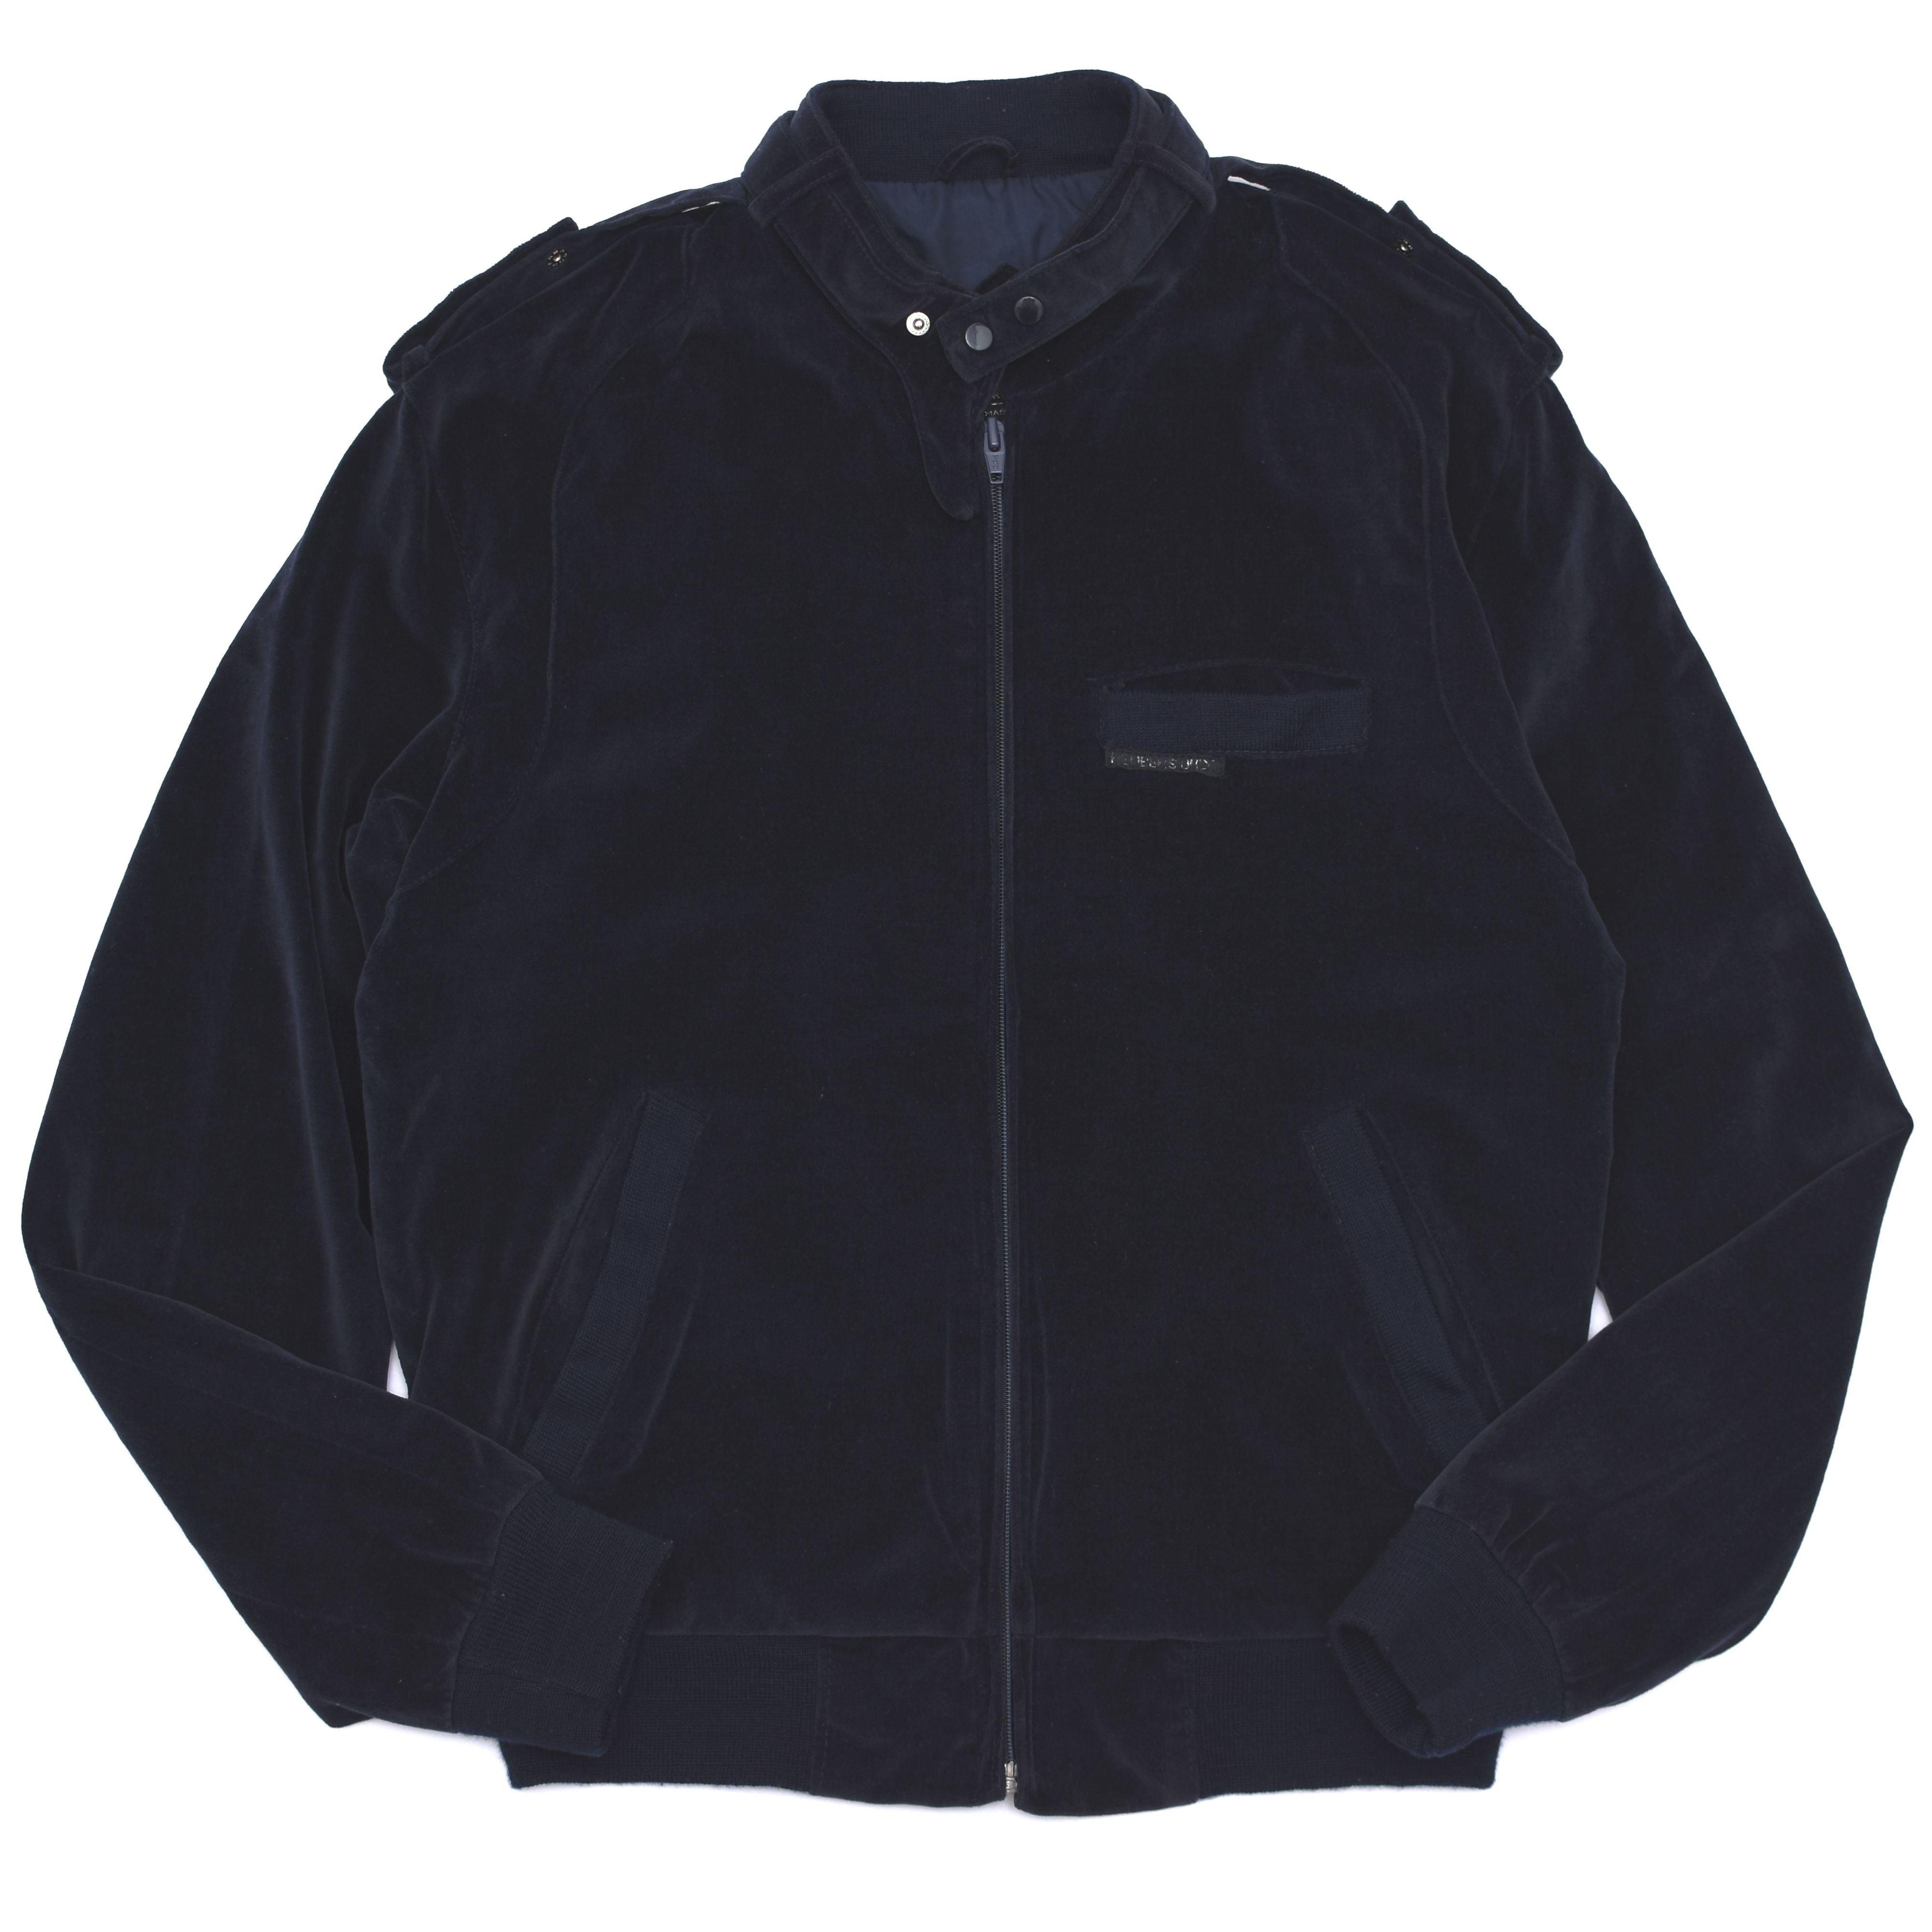 Vintage MEMBERS ONLY single racer jacket